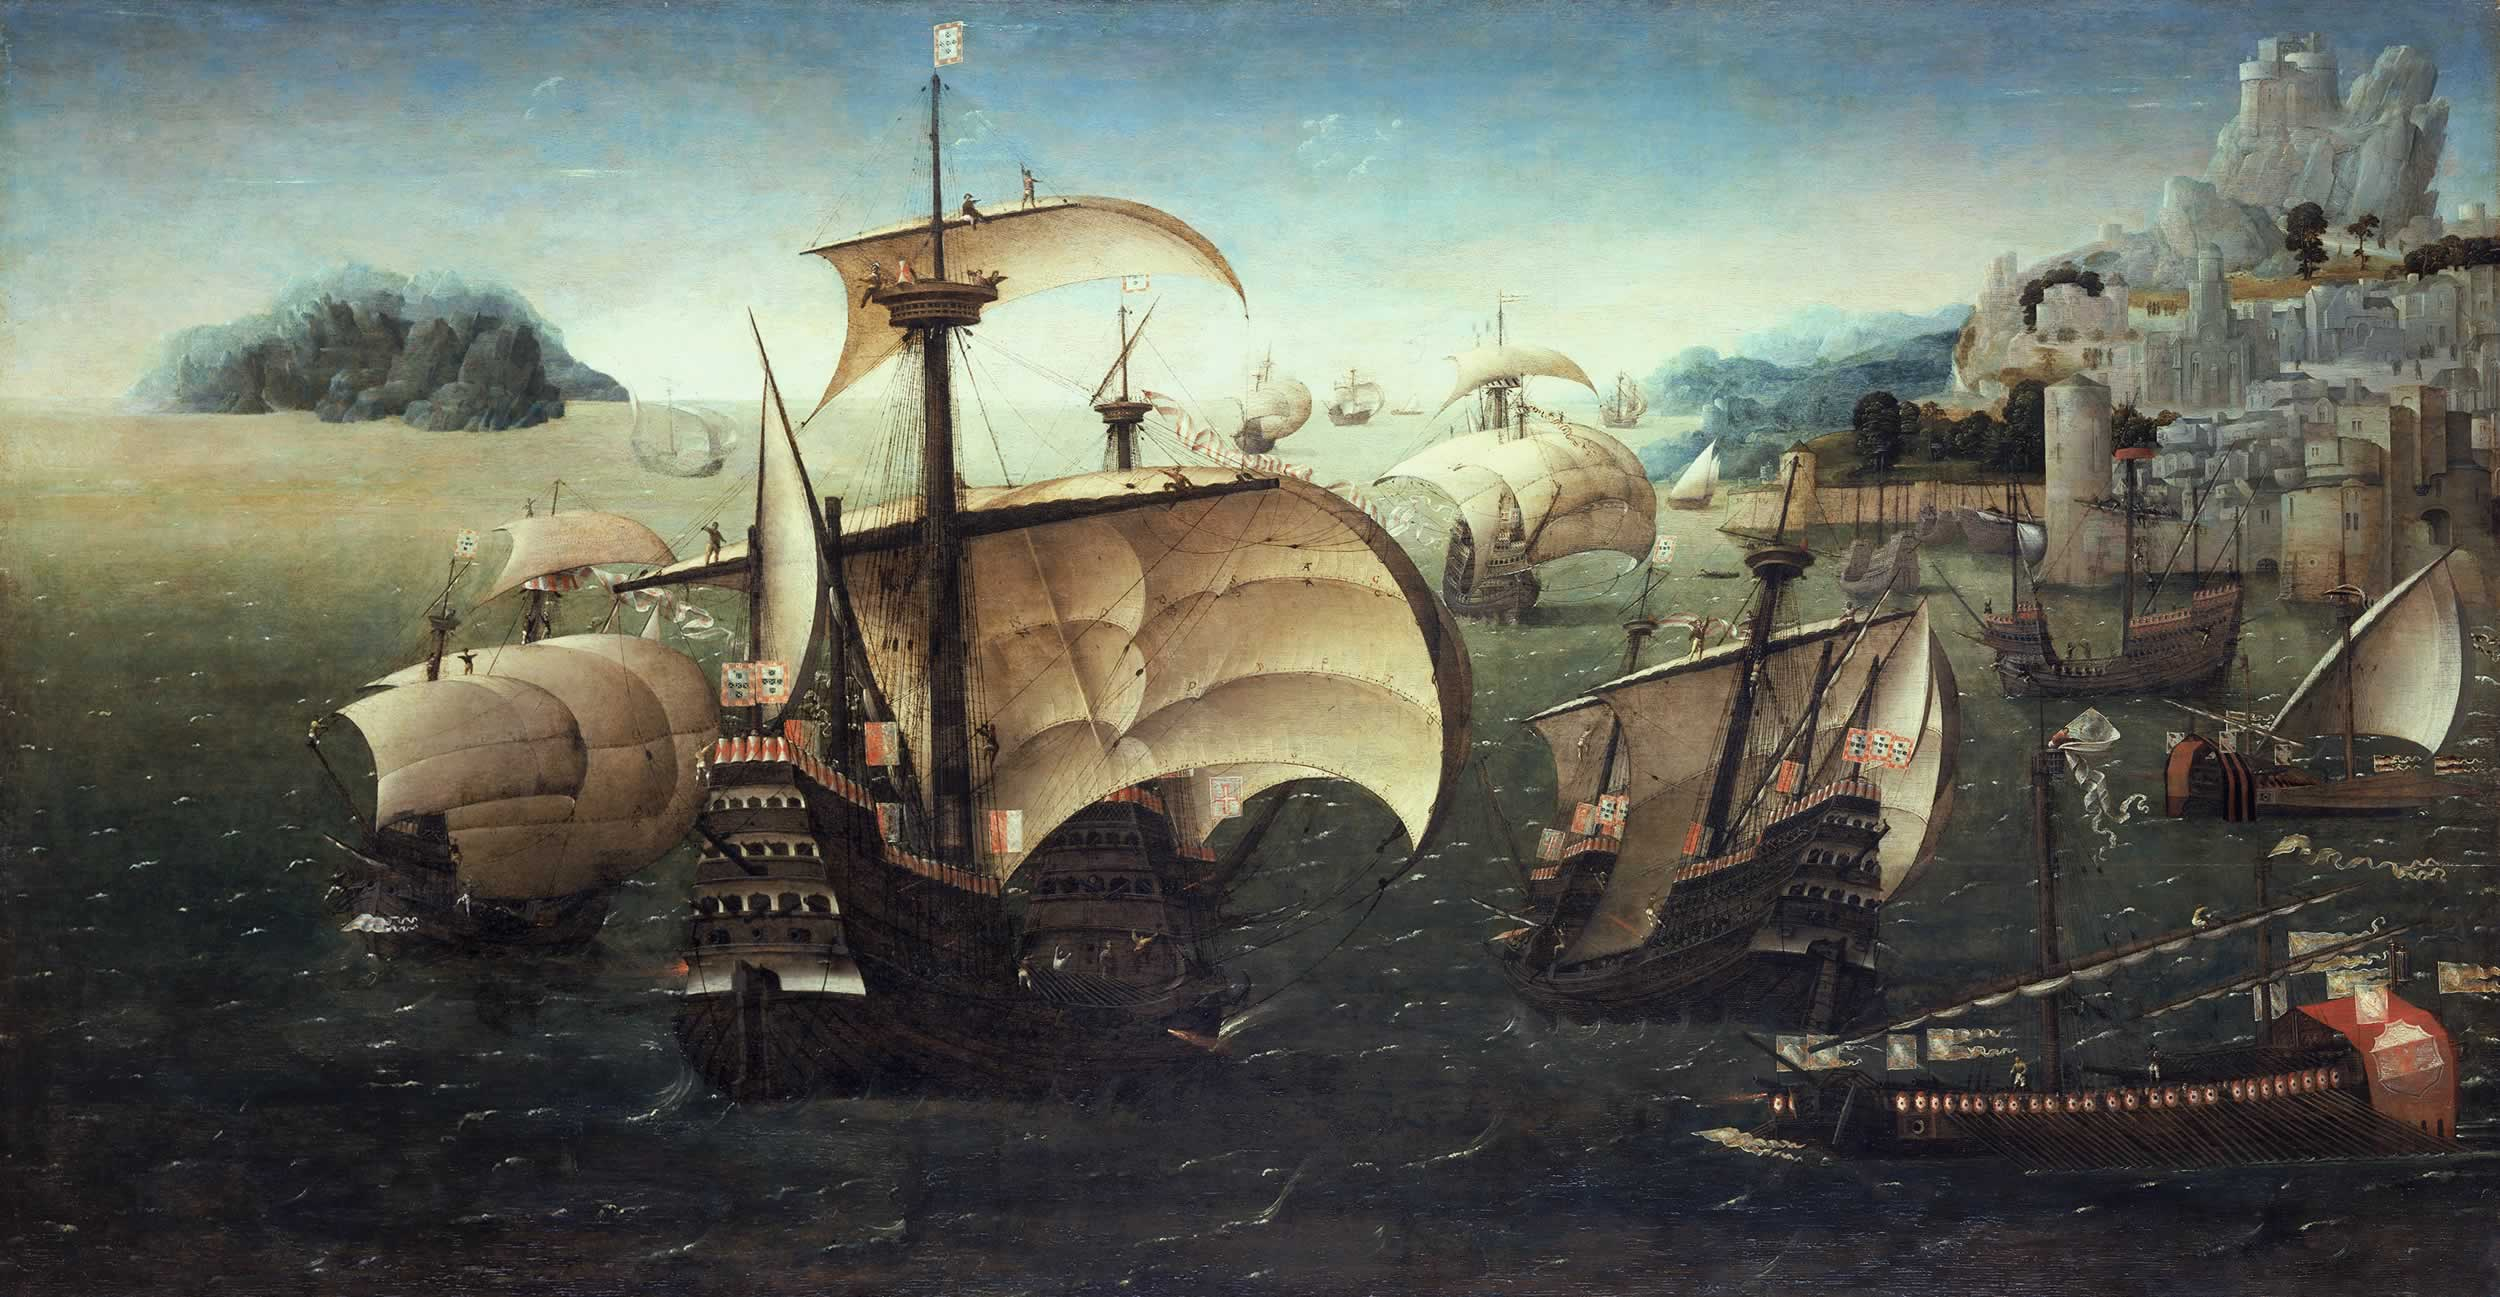 фото 2 Португальская флотилия в 16 веке.jpg